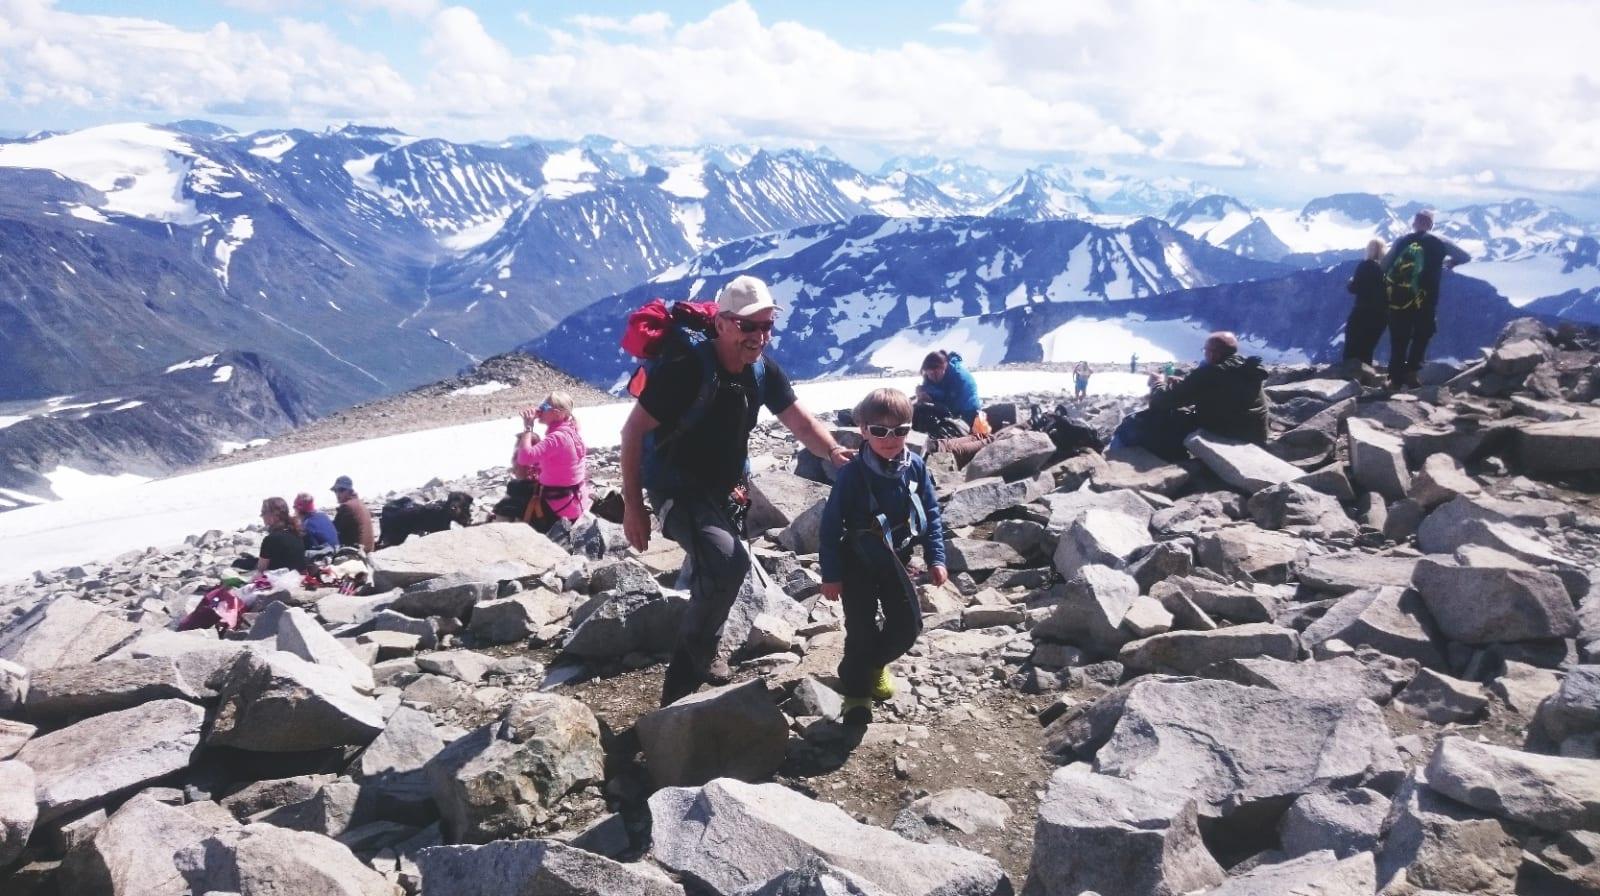 TURKAMERATER: Sivert (5) får god hjelp av gamleonkel Sivert på vei mot toppen av Galdhøpiggen.